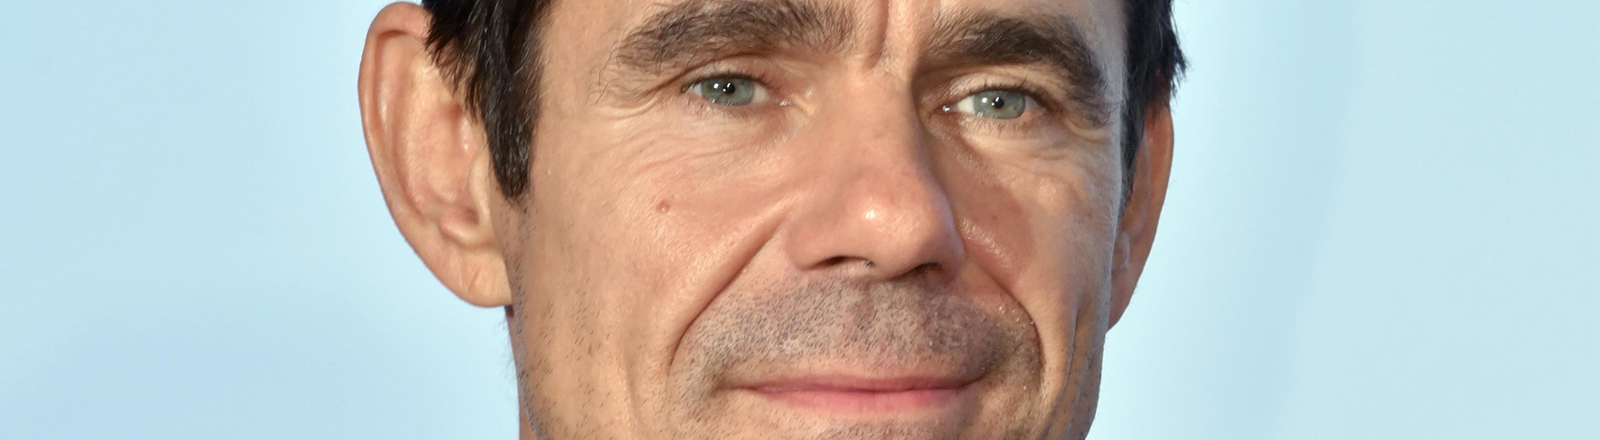 Der Regisseur Tom Tykwer am 30.09.2017 in Köln auf dem roten Teppich